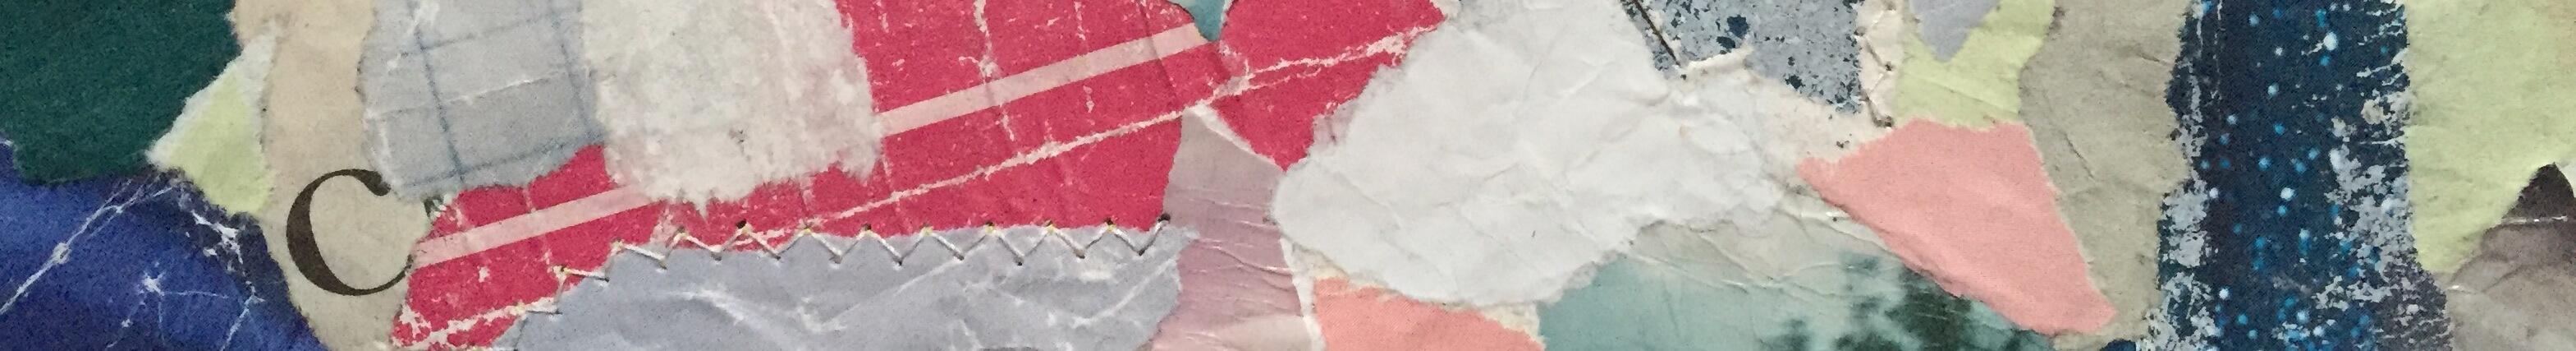 Collage Briefkasten Landkarte Ausschnitt Kontakt